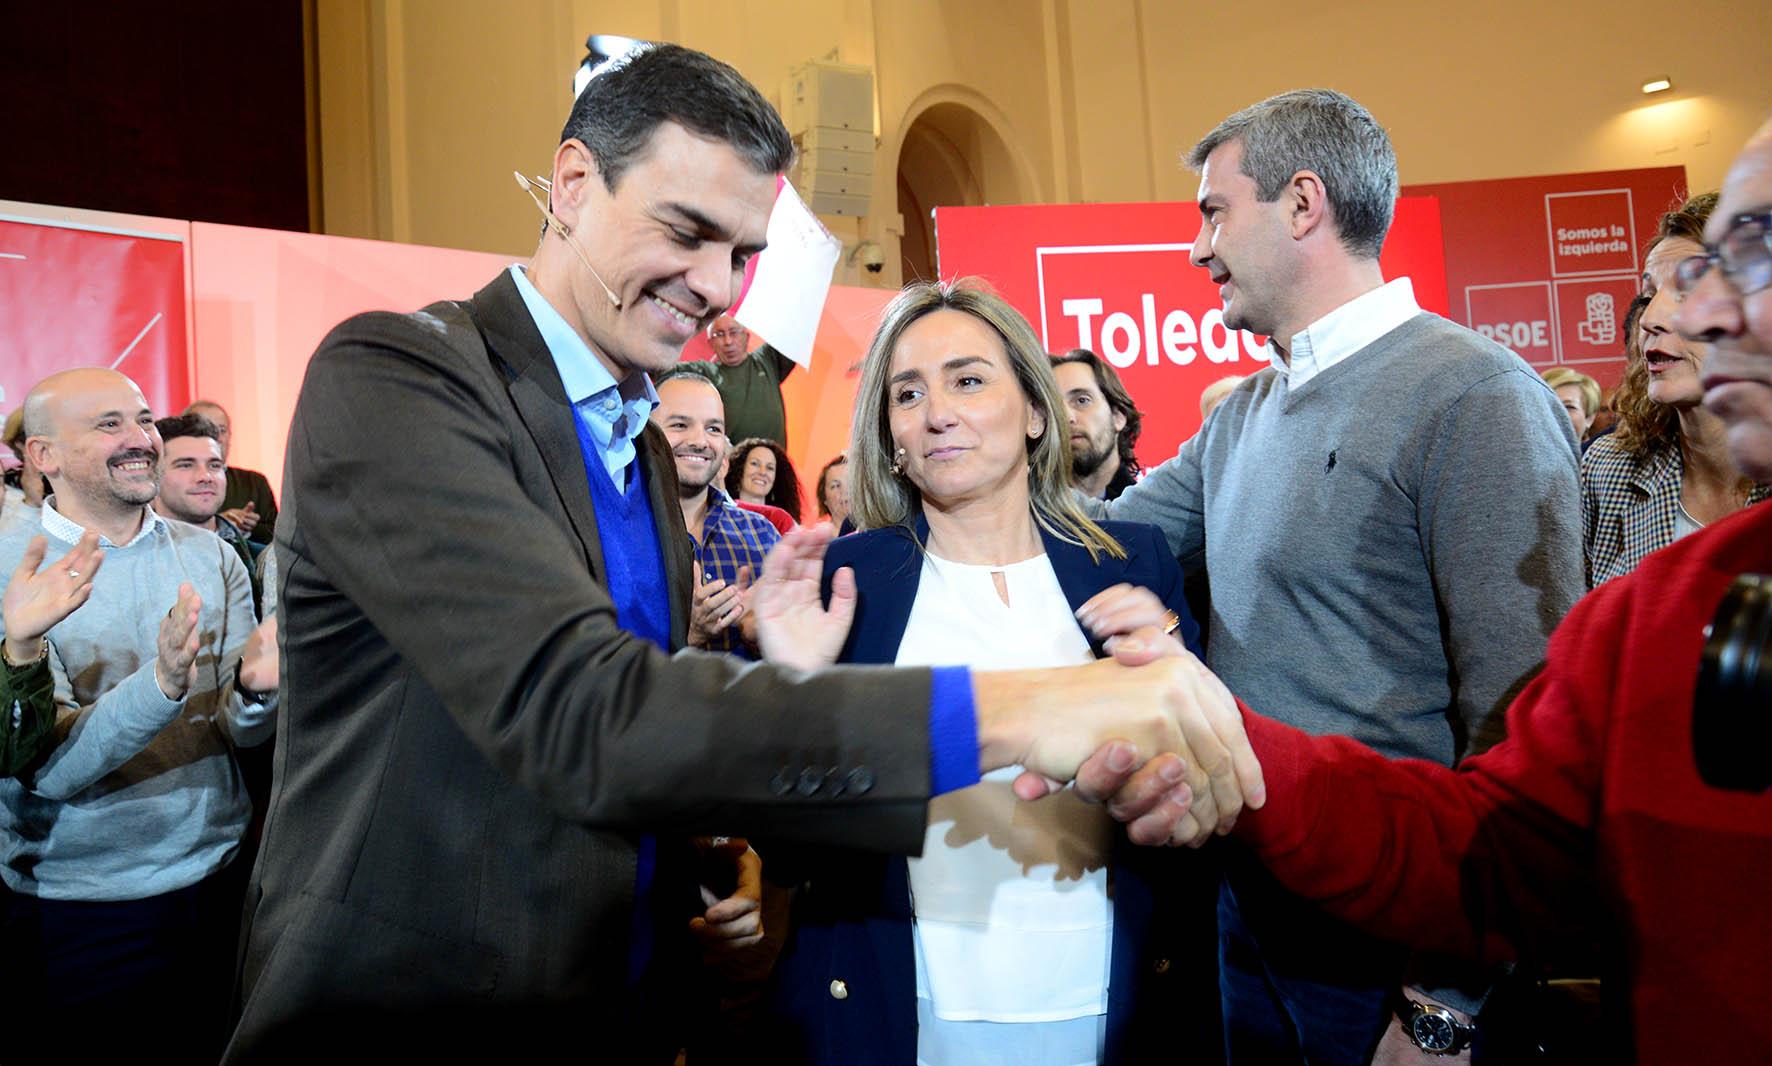 Pedro Sánchez junto con Milagros Tolón y Álvaro Gutiérrez.